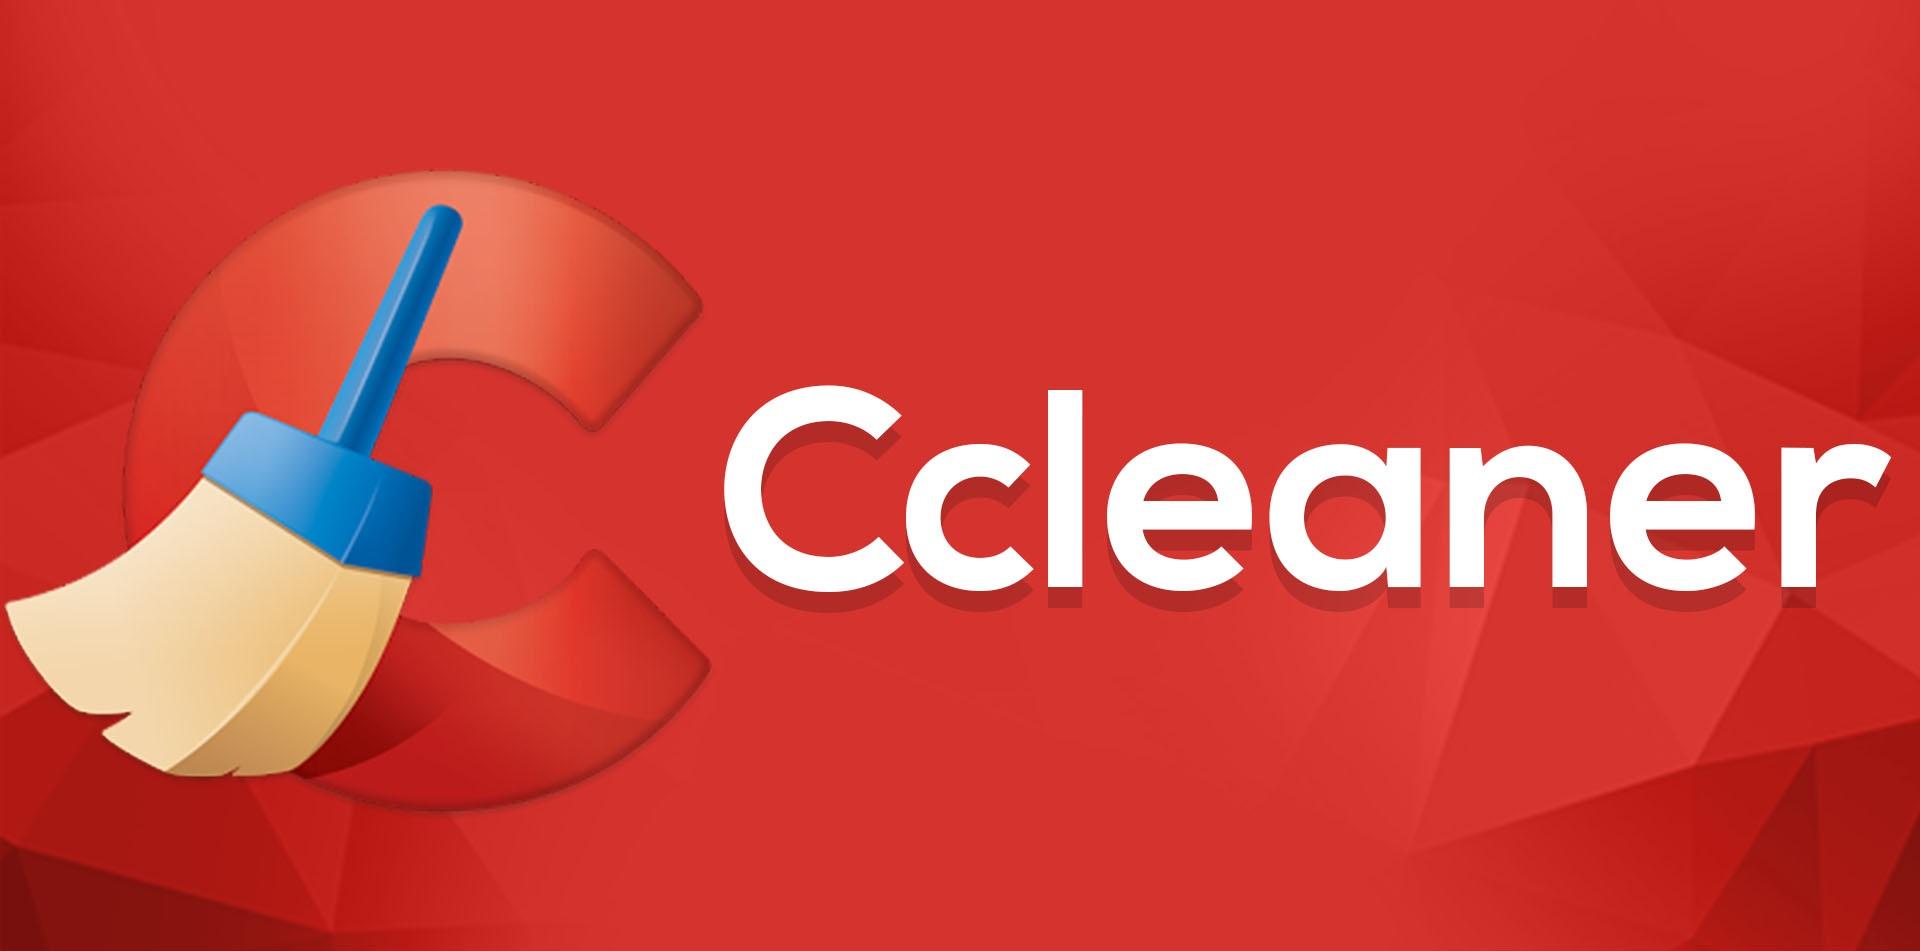 جمع آوری اجباری اطلاعات در برنامه CCleaner